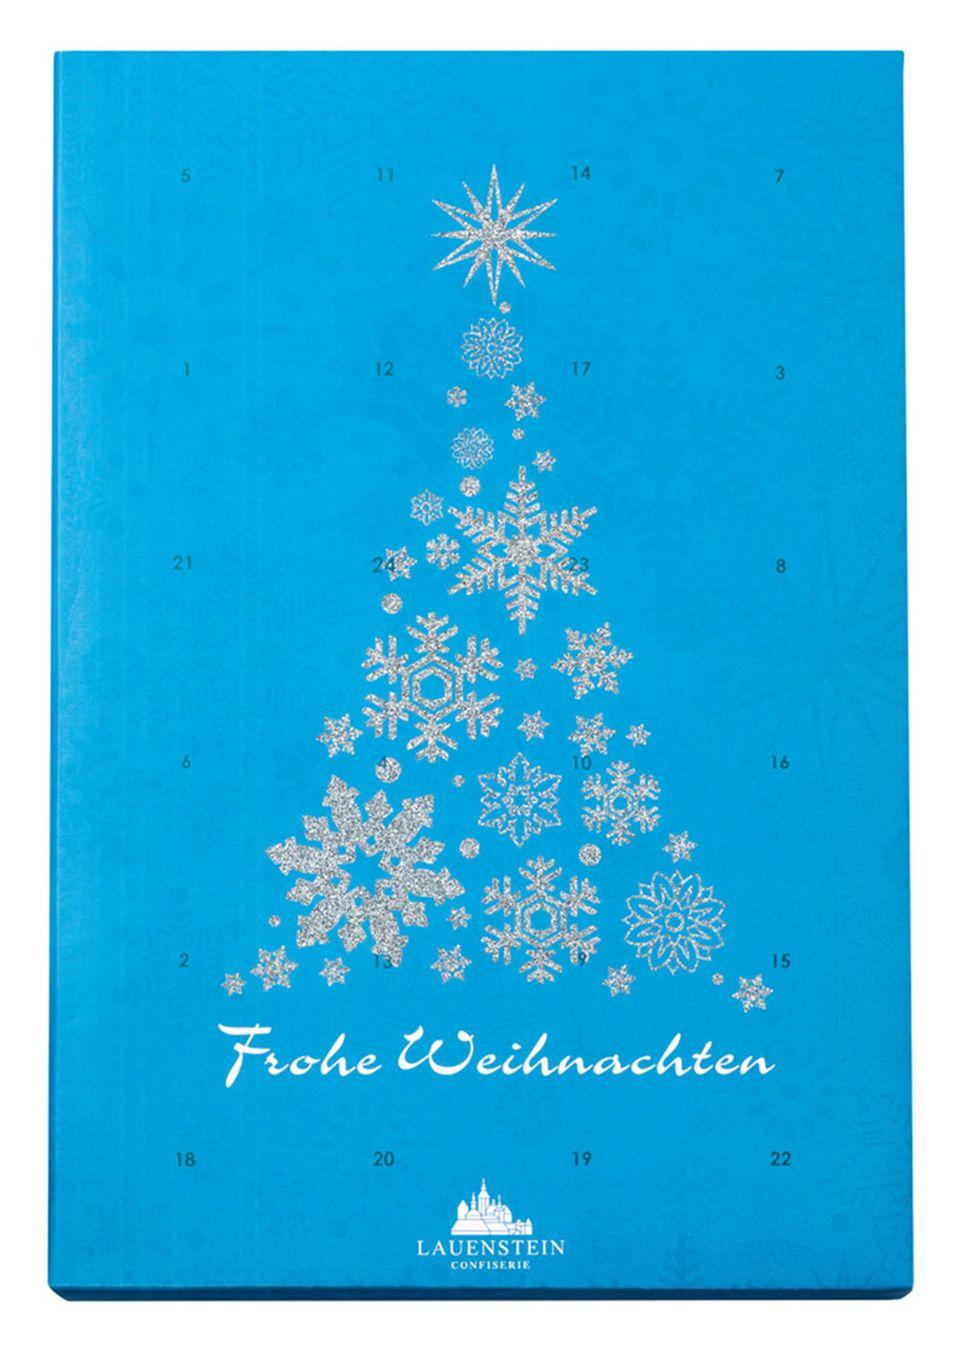 Adventskalender von Lauenstein